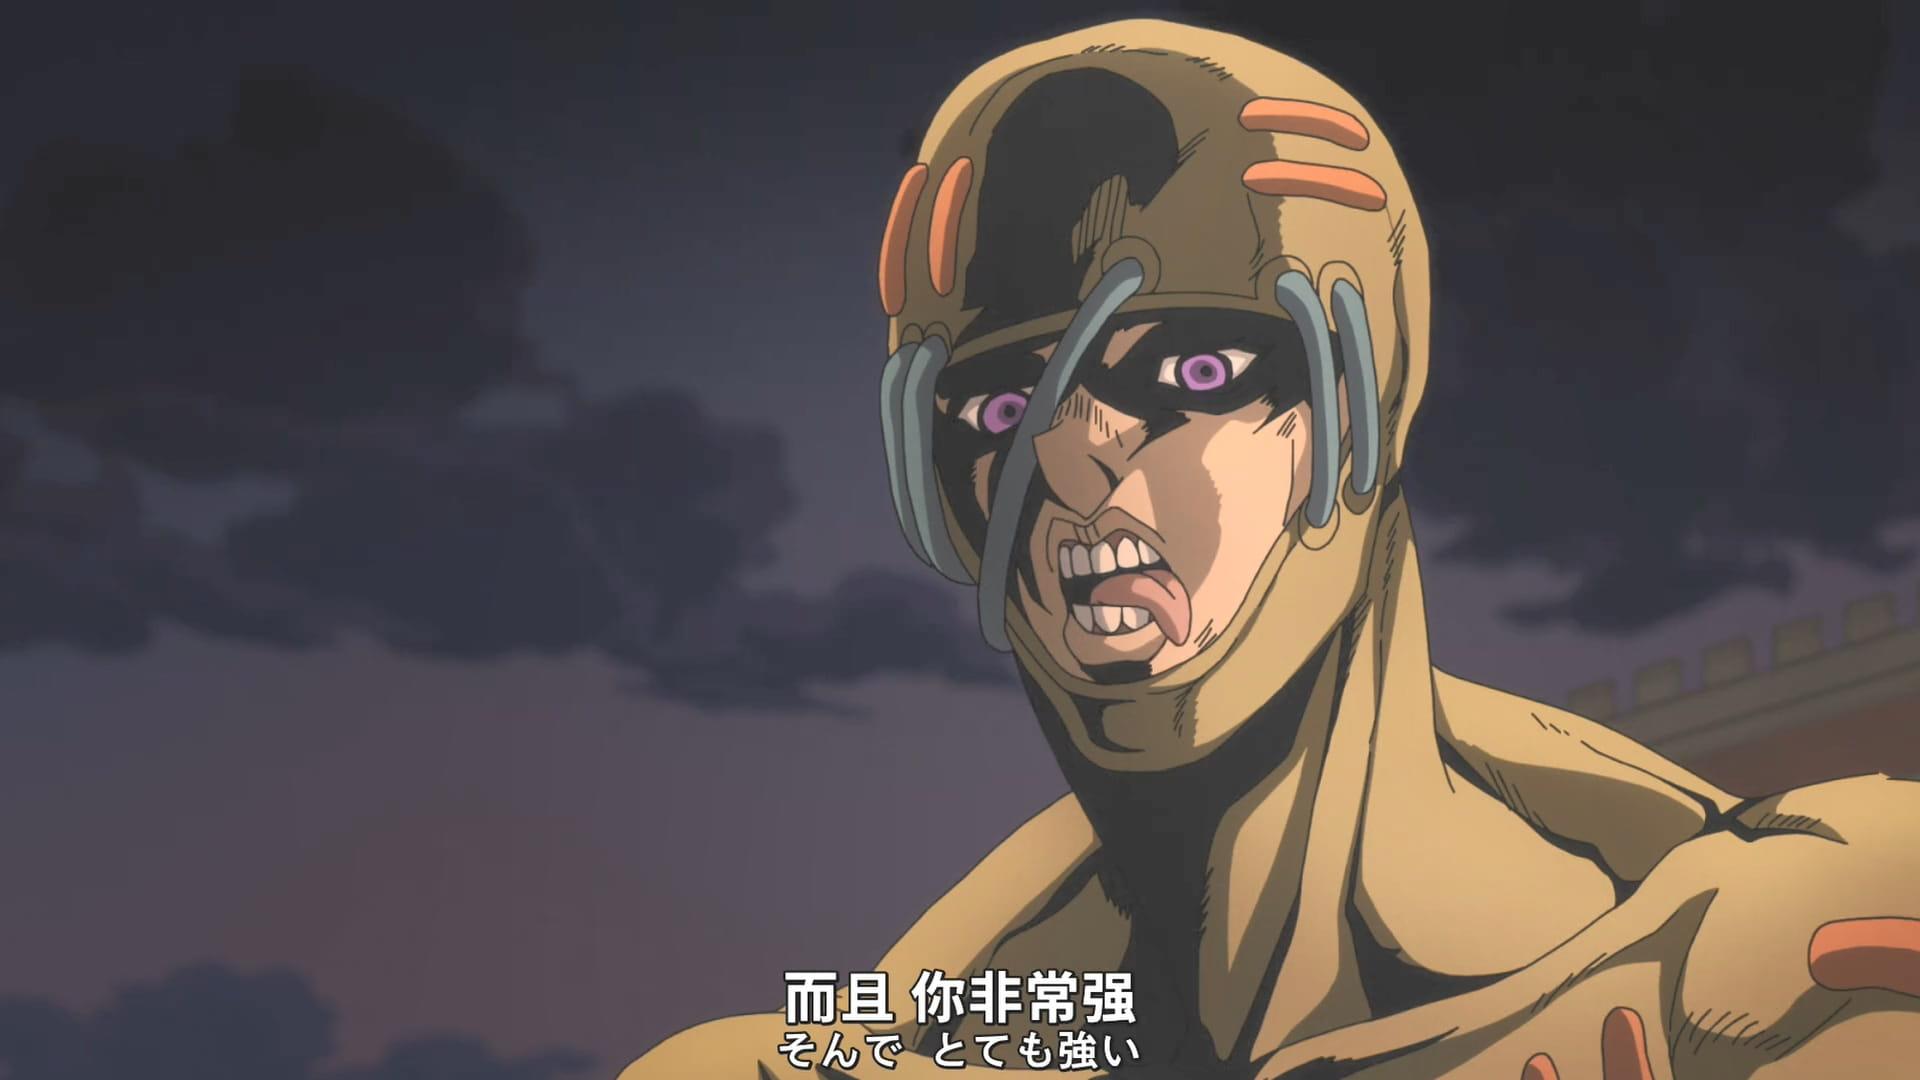 你以为是canine?其实是Zentai哒!